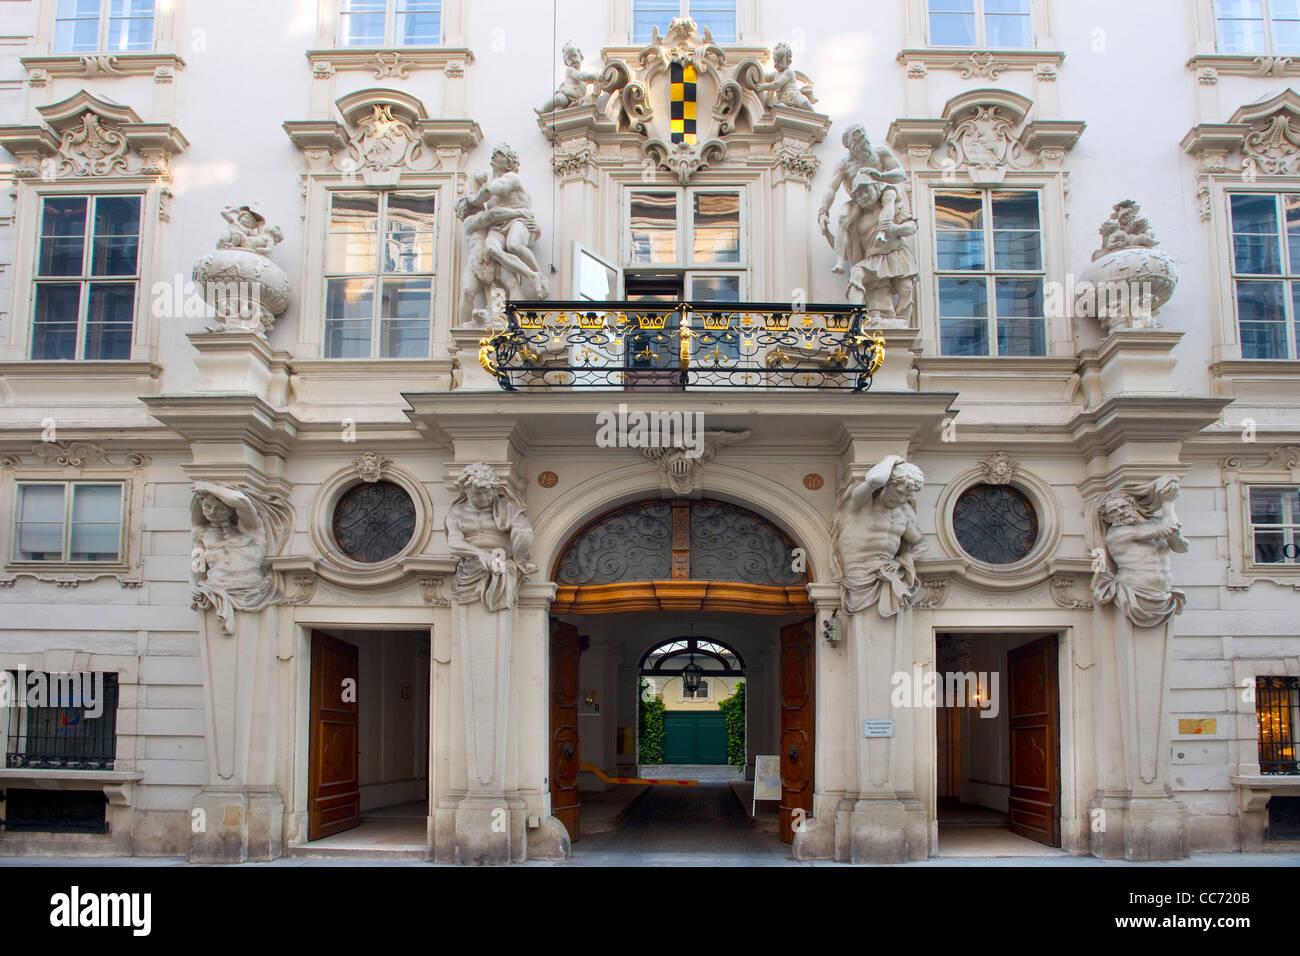 Österreich, Wien 1, Singerstrasse 16, Palais Neupauer-Breuner, das grosse Palais gilt als einer der beachtlichsten - Stock Image